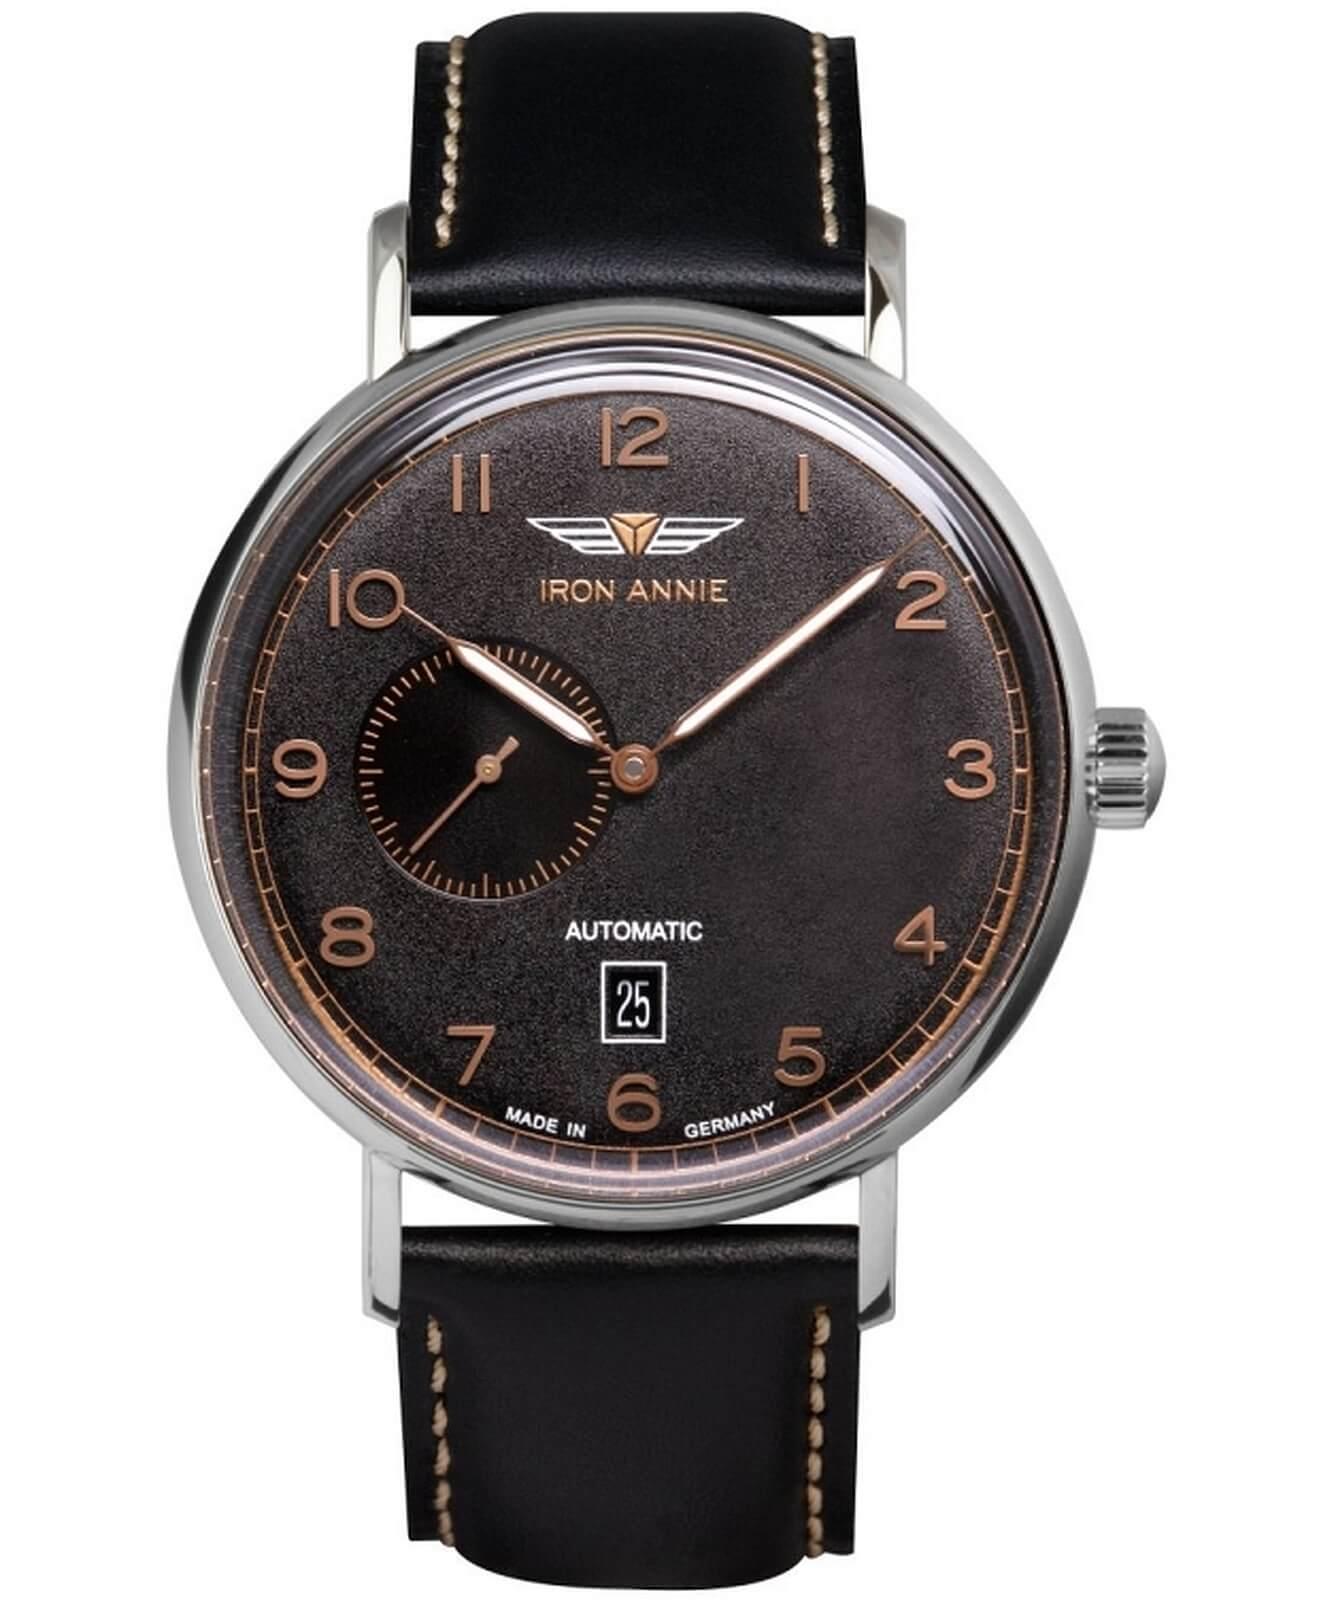 zegarek-meski-iron-annie-d-aqui-automatik-ia-5904-2